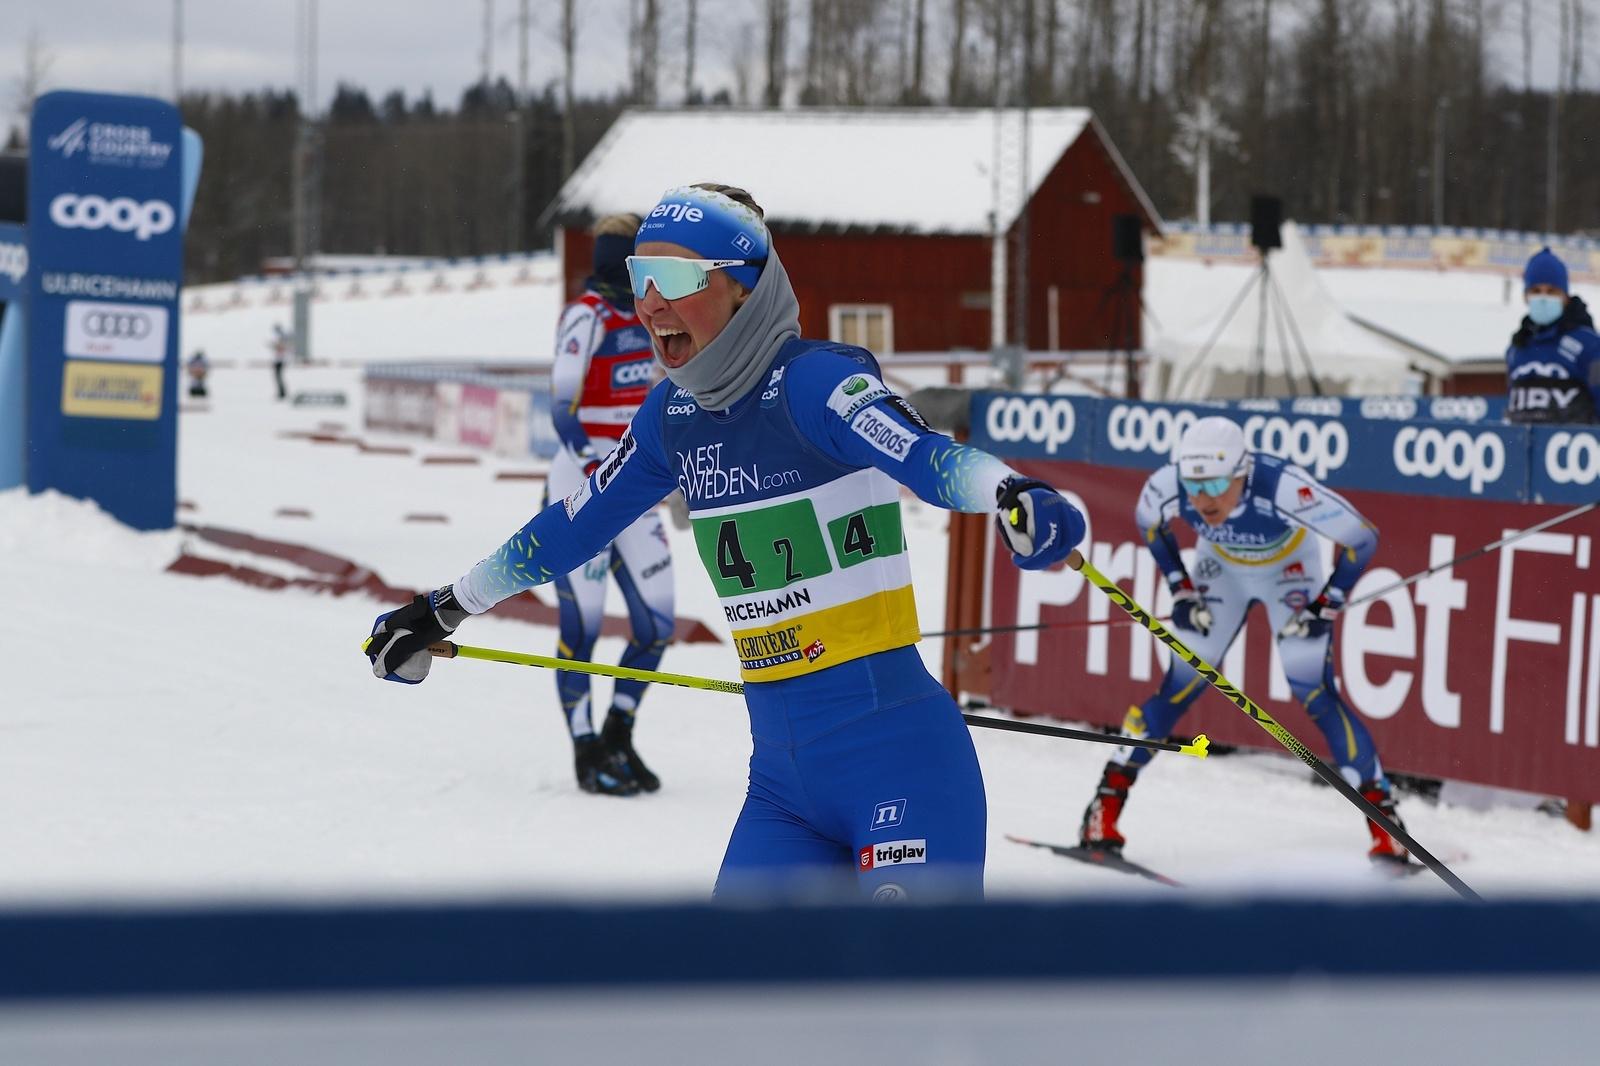 Världscupen i Ulricehamn 2021TeamsprintLampic